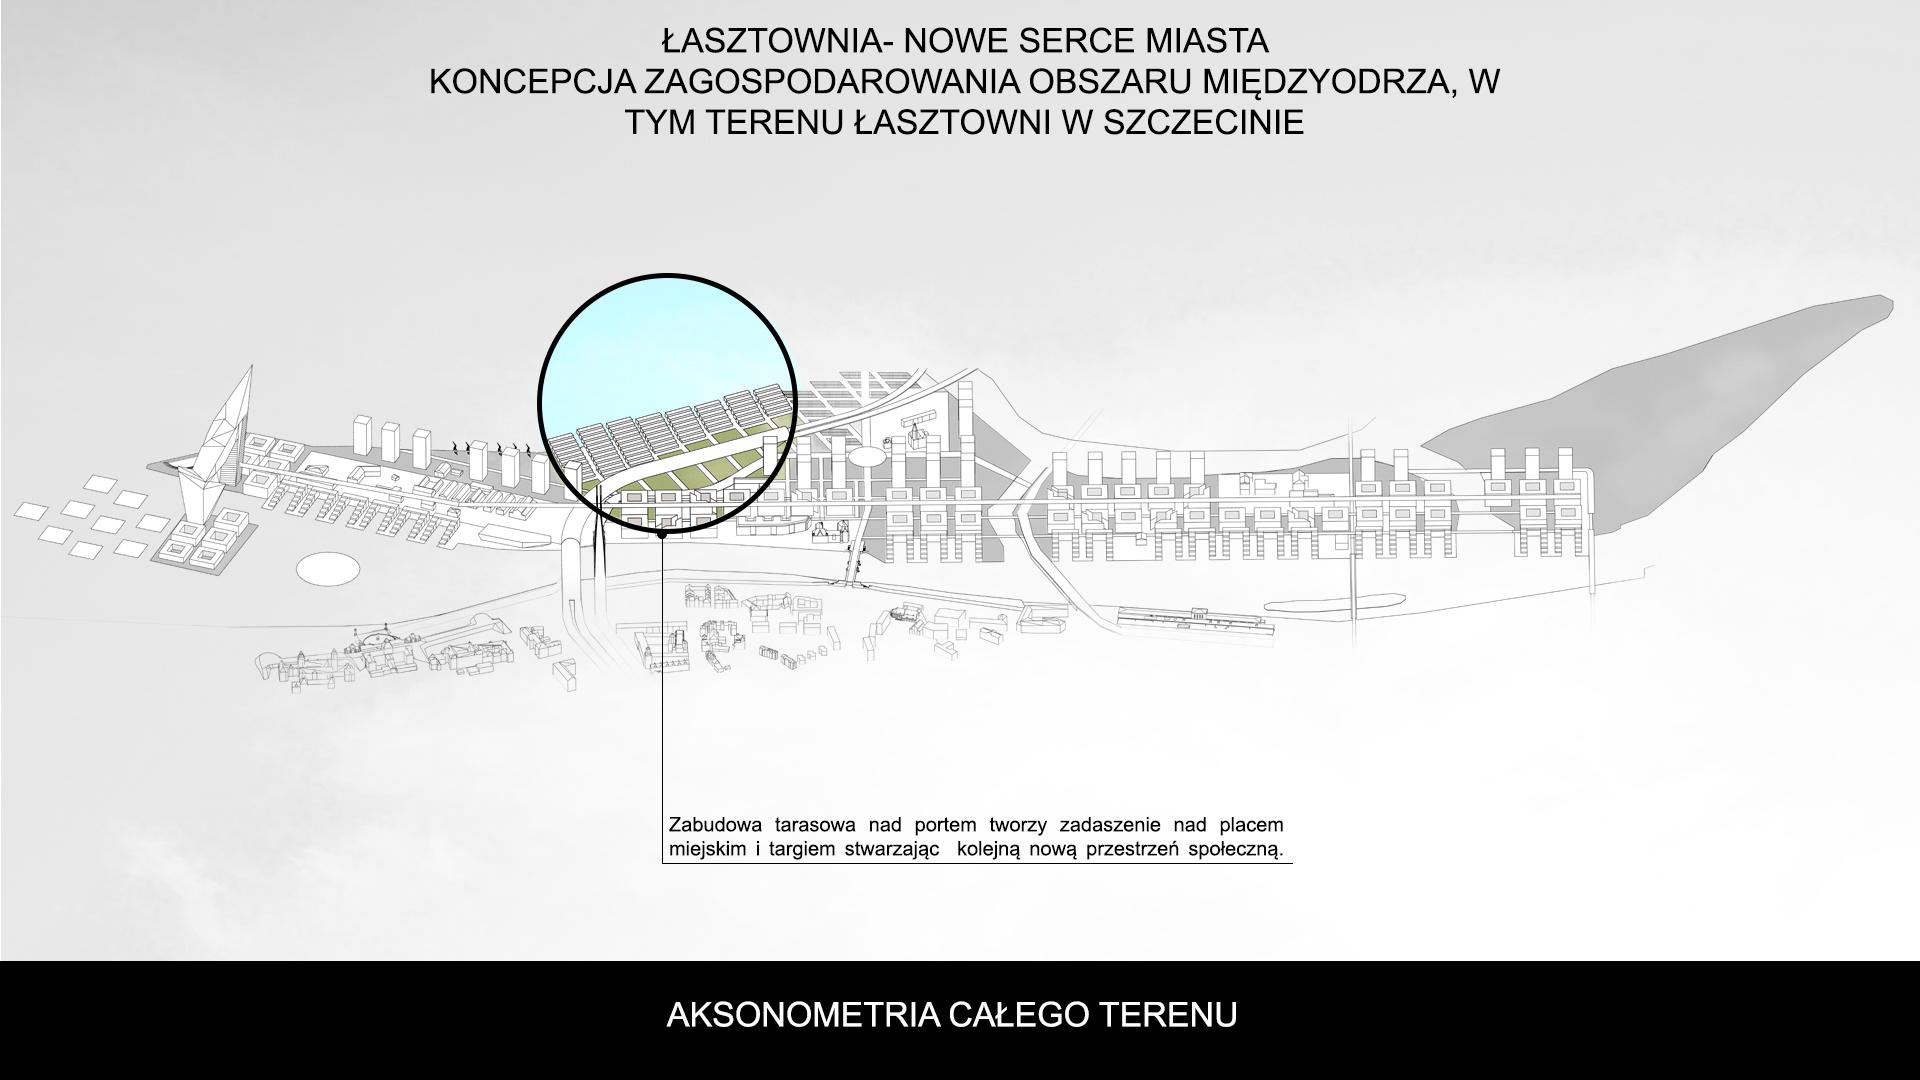 Nowe Serce Miasta - aksonometria 4